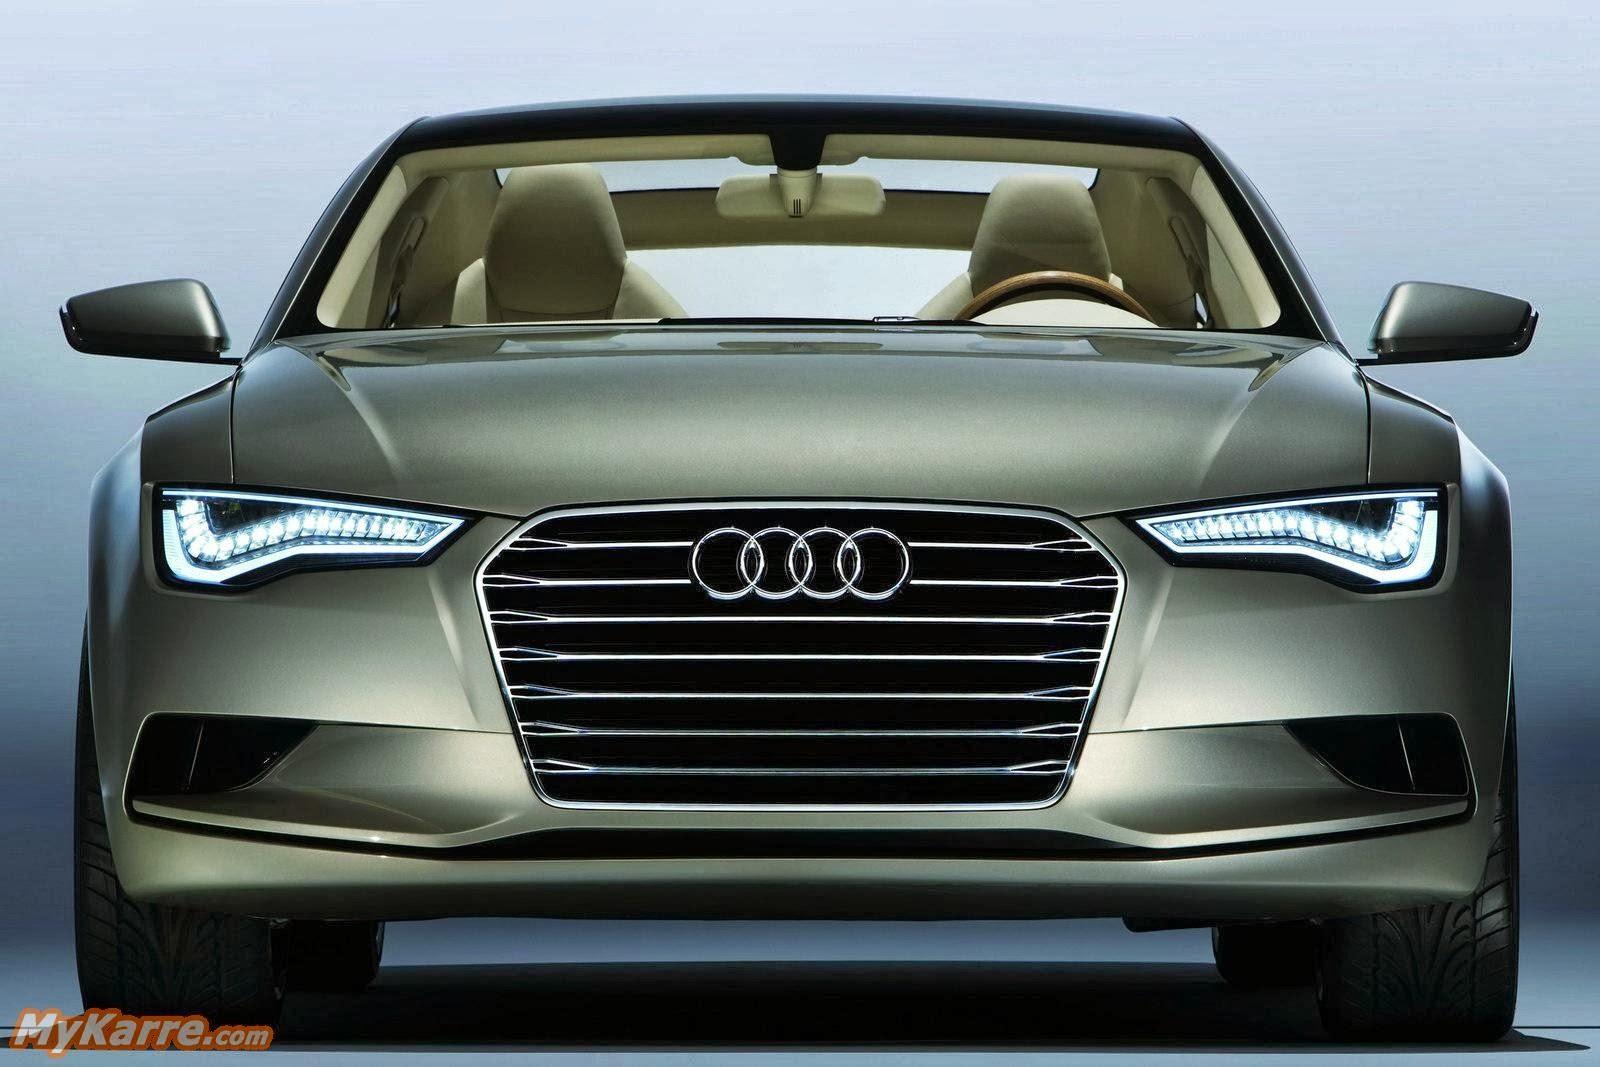 Audi Rs6 Avant Plus Photos Transmission